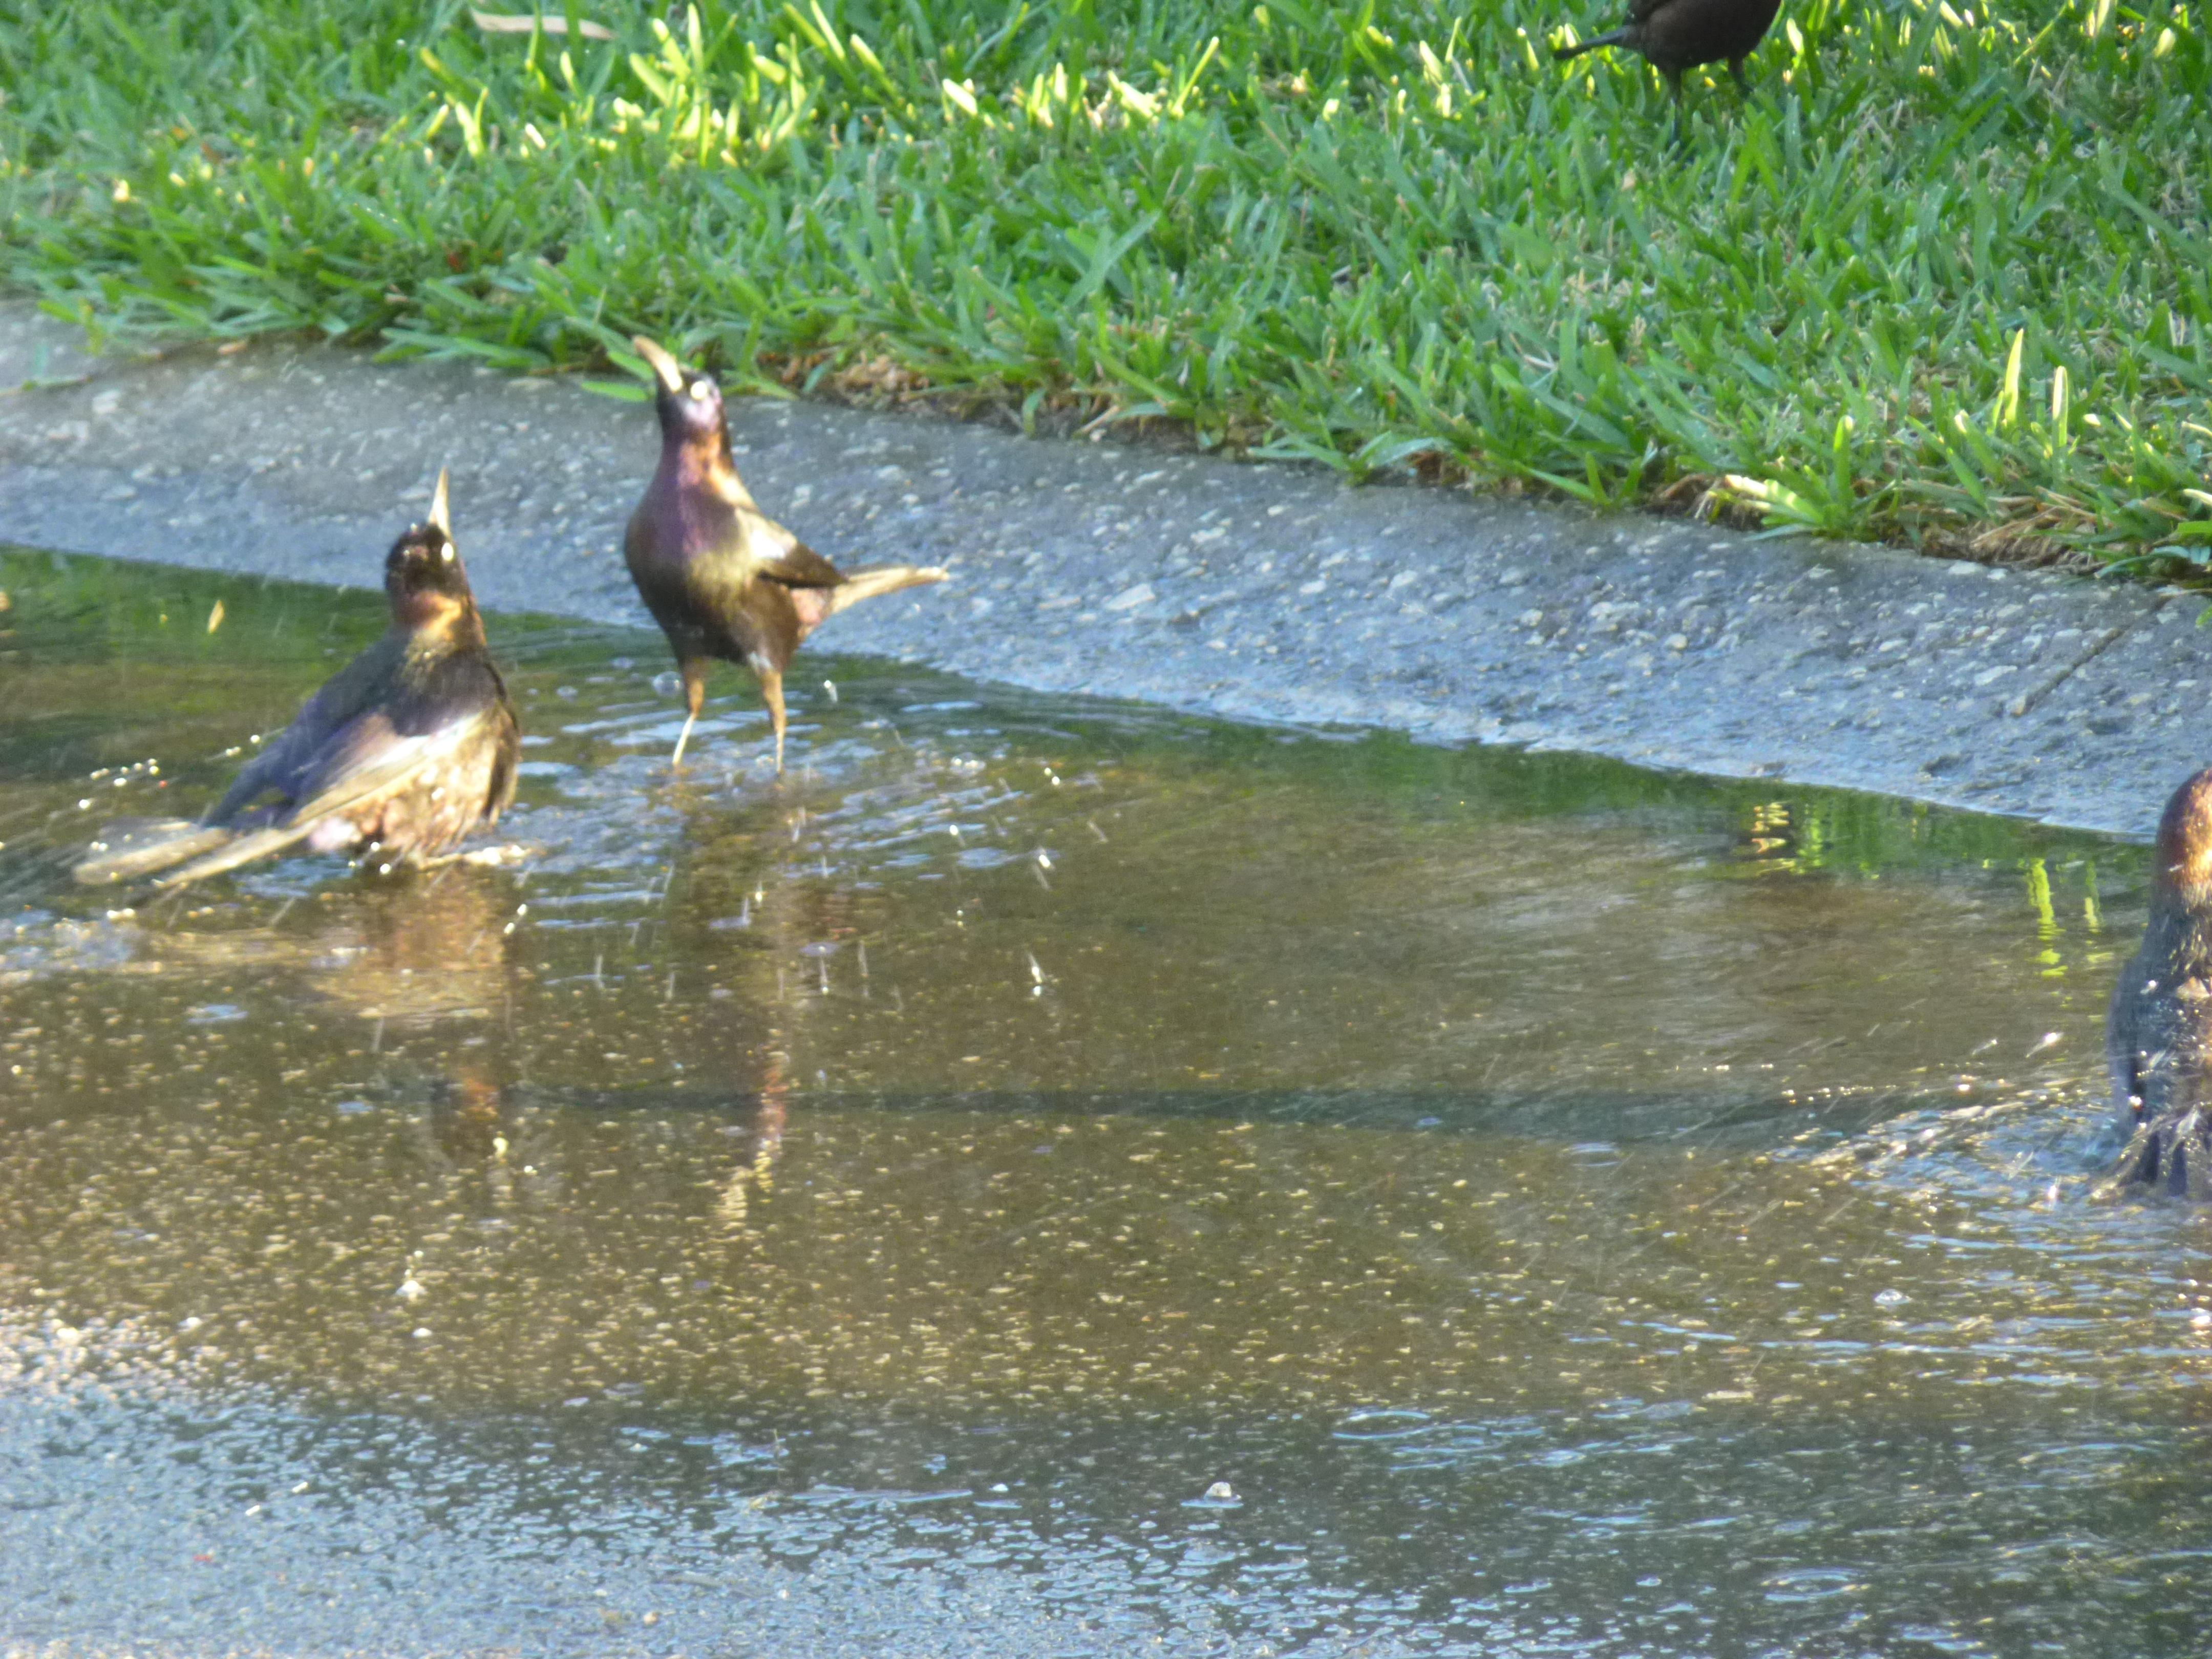 Spring rain puddle bath elegantly handmade for Bathing images